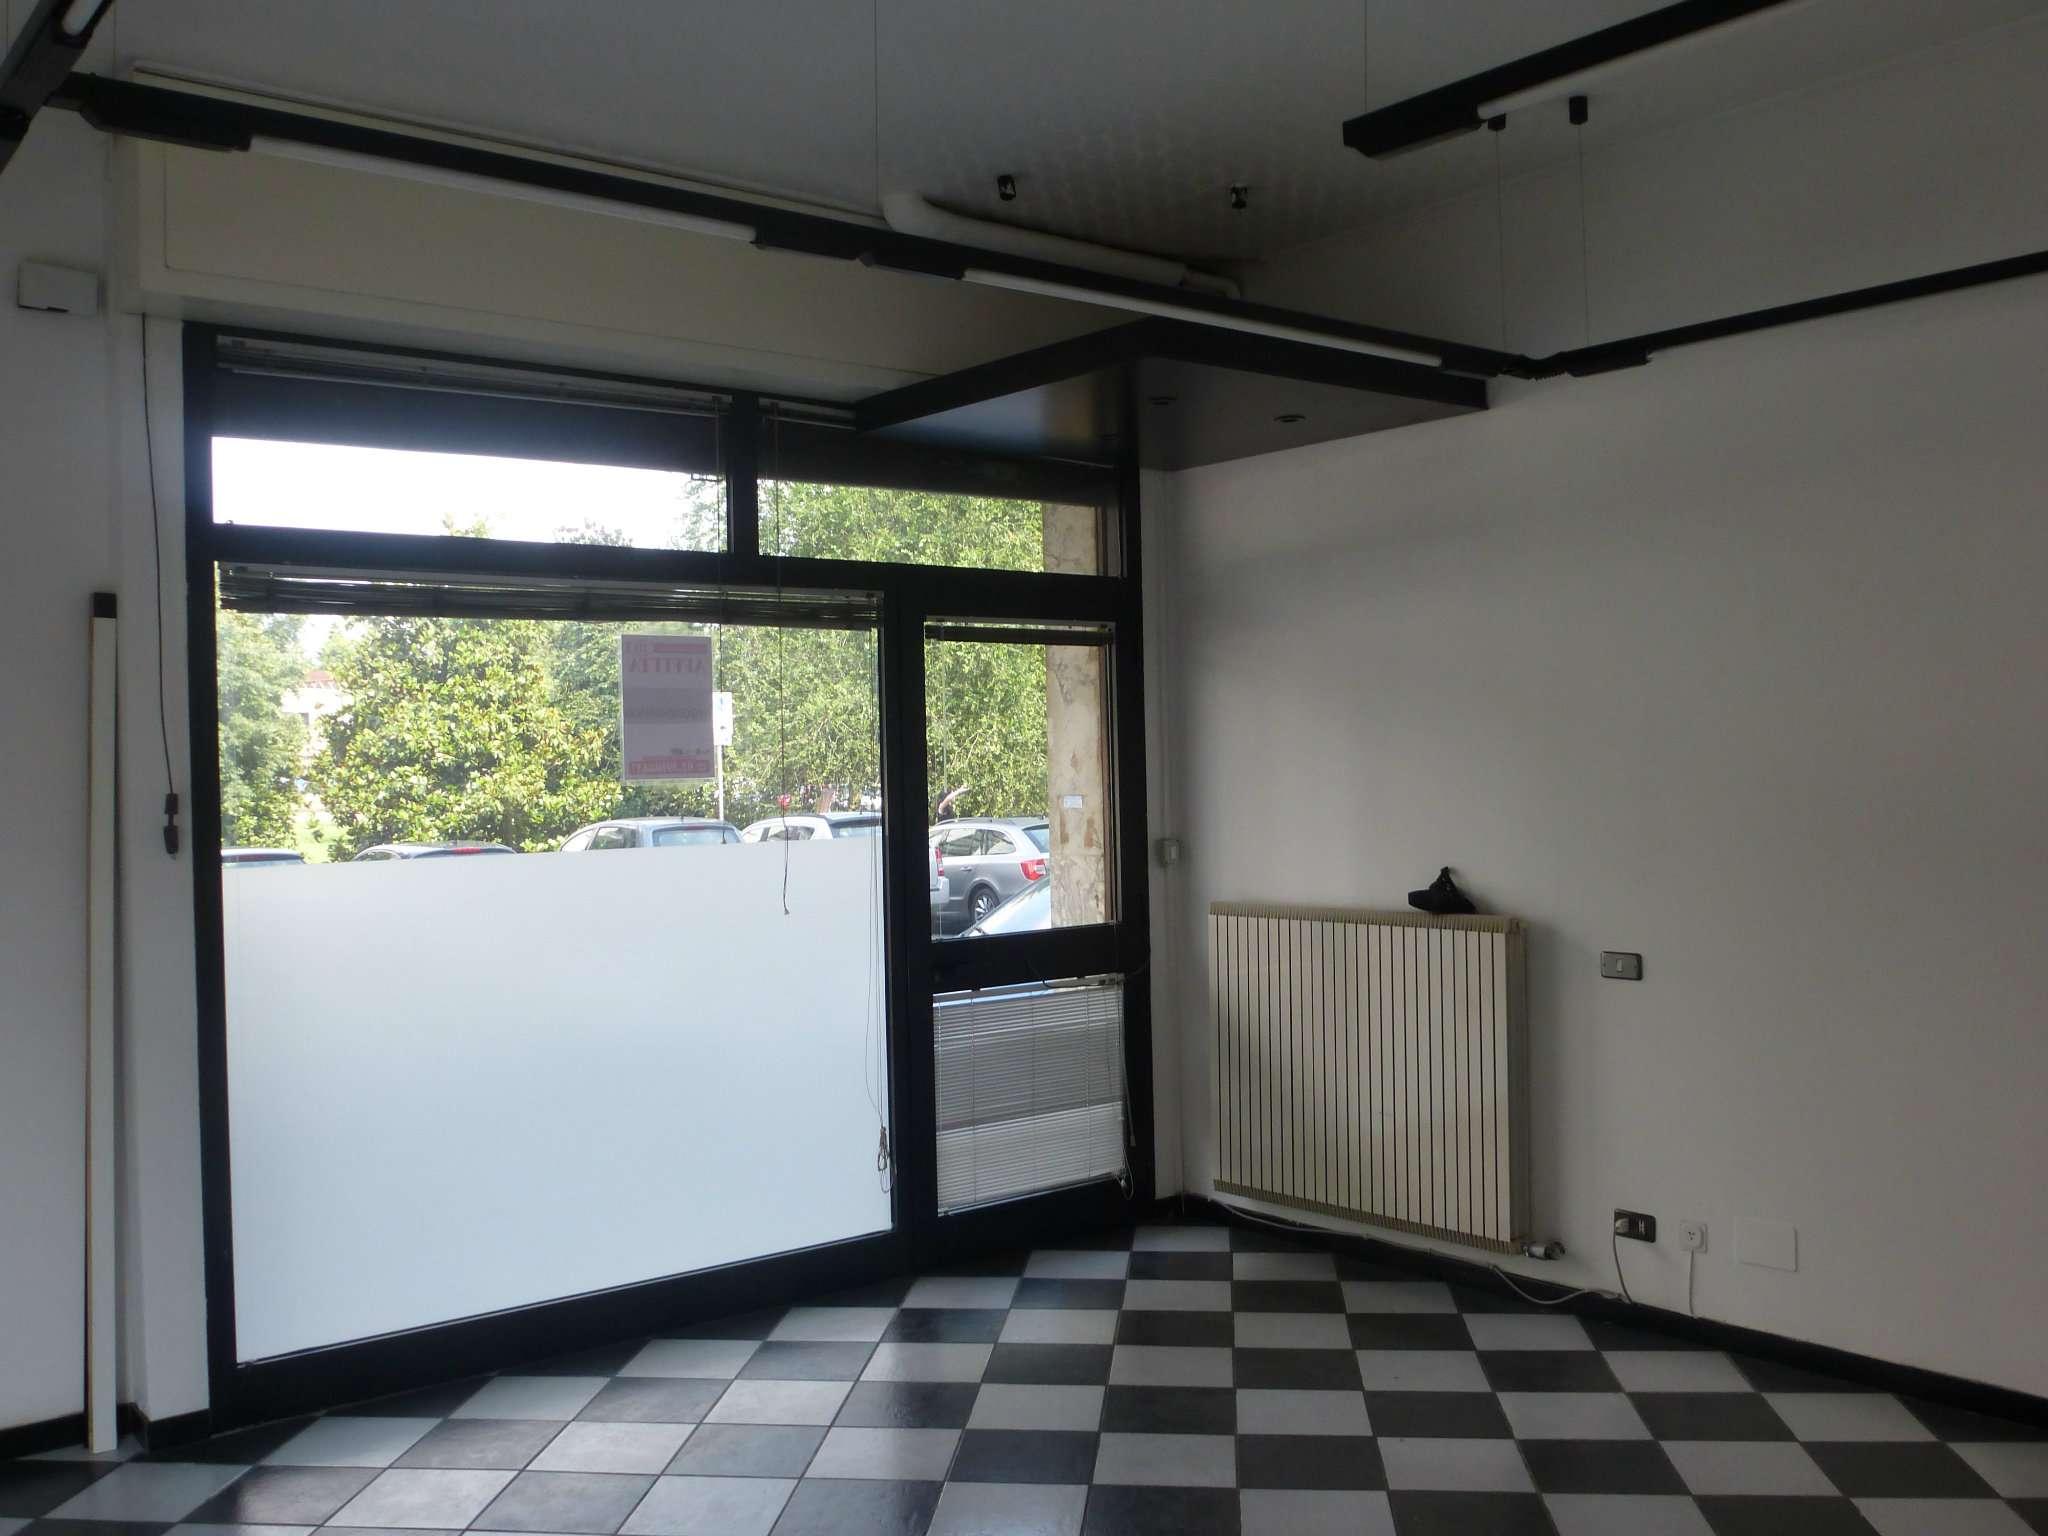 Negozio / Locale in affitto a Novate Milanese, 1 locali, prezzo € 700 | Cambio Casa.it